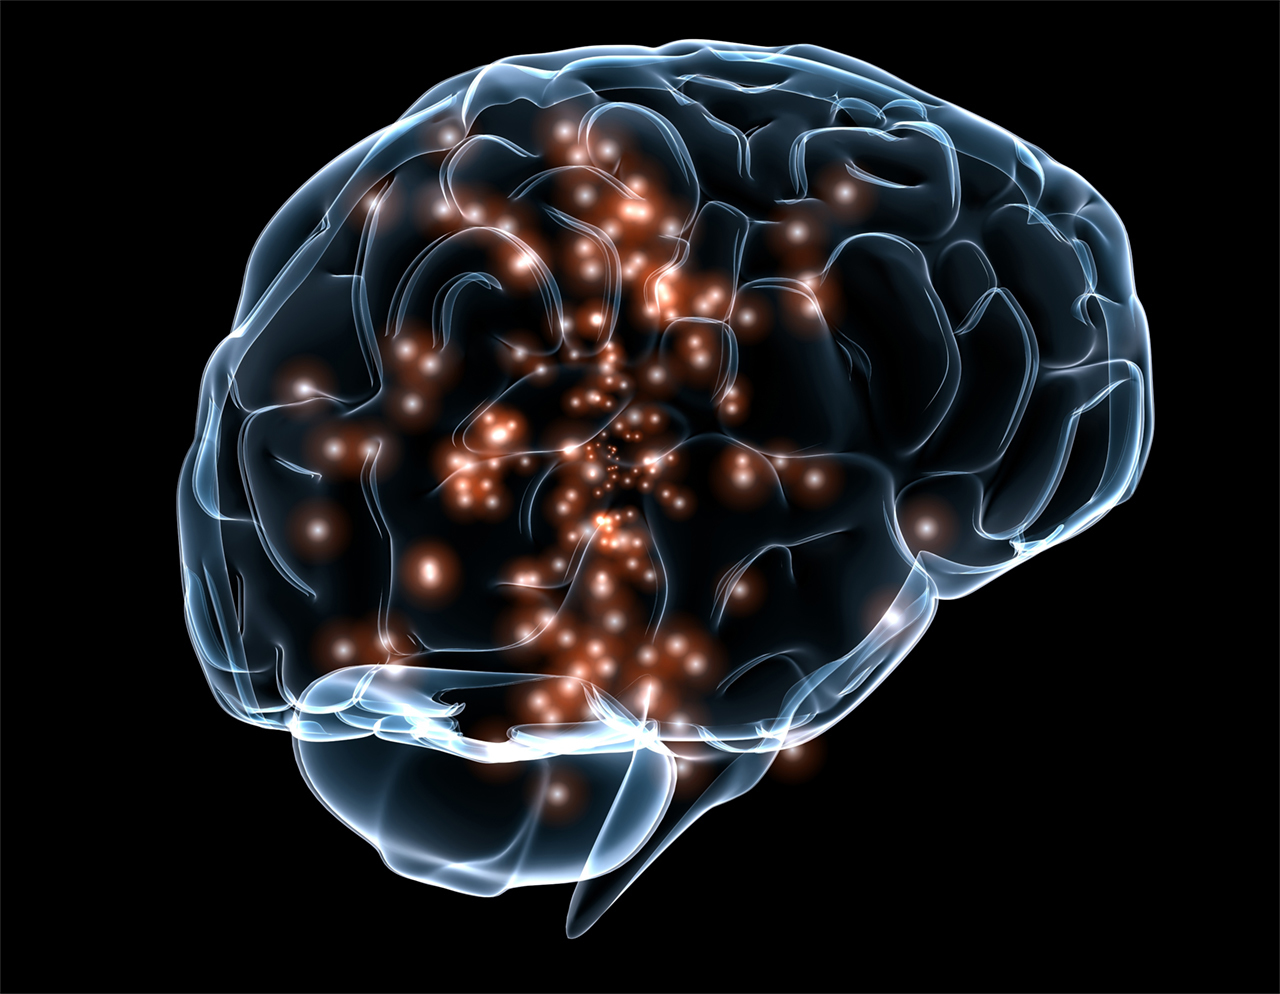 """Исследователи продемонстрировали метод """"взлома"""" мозга через видеоигру"""